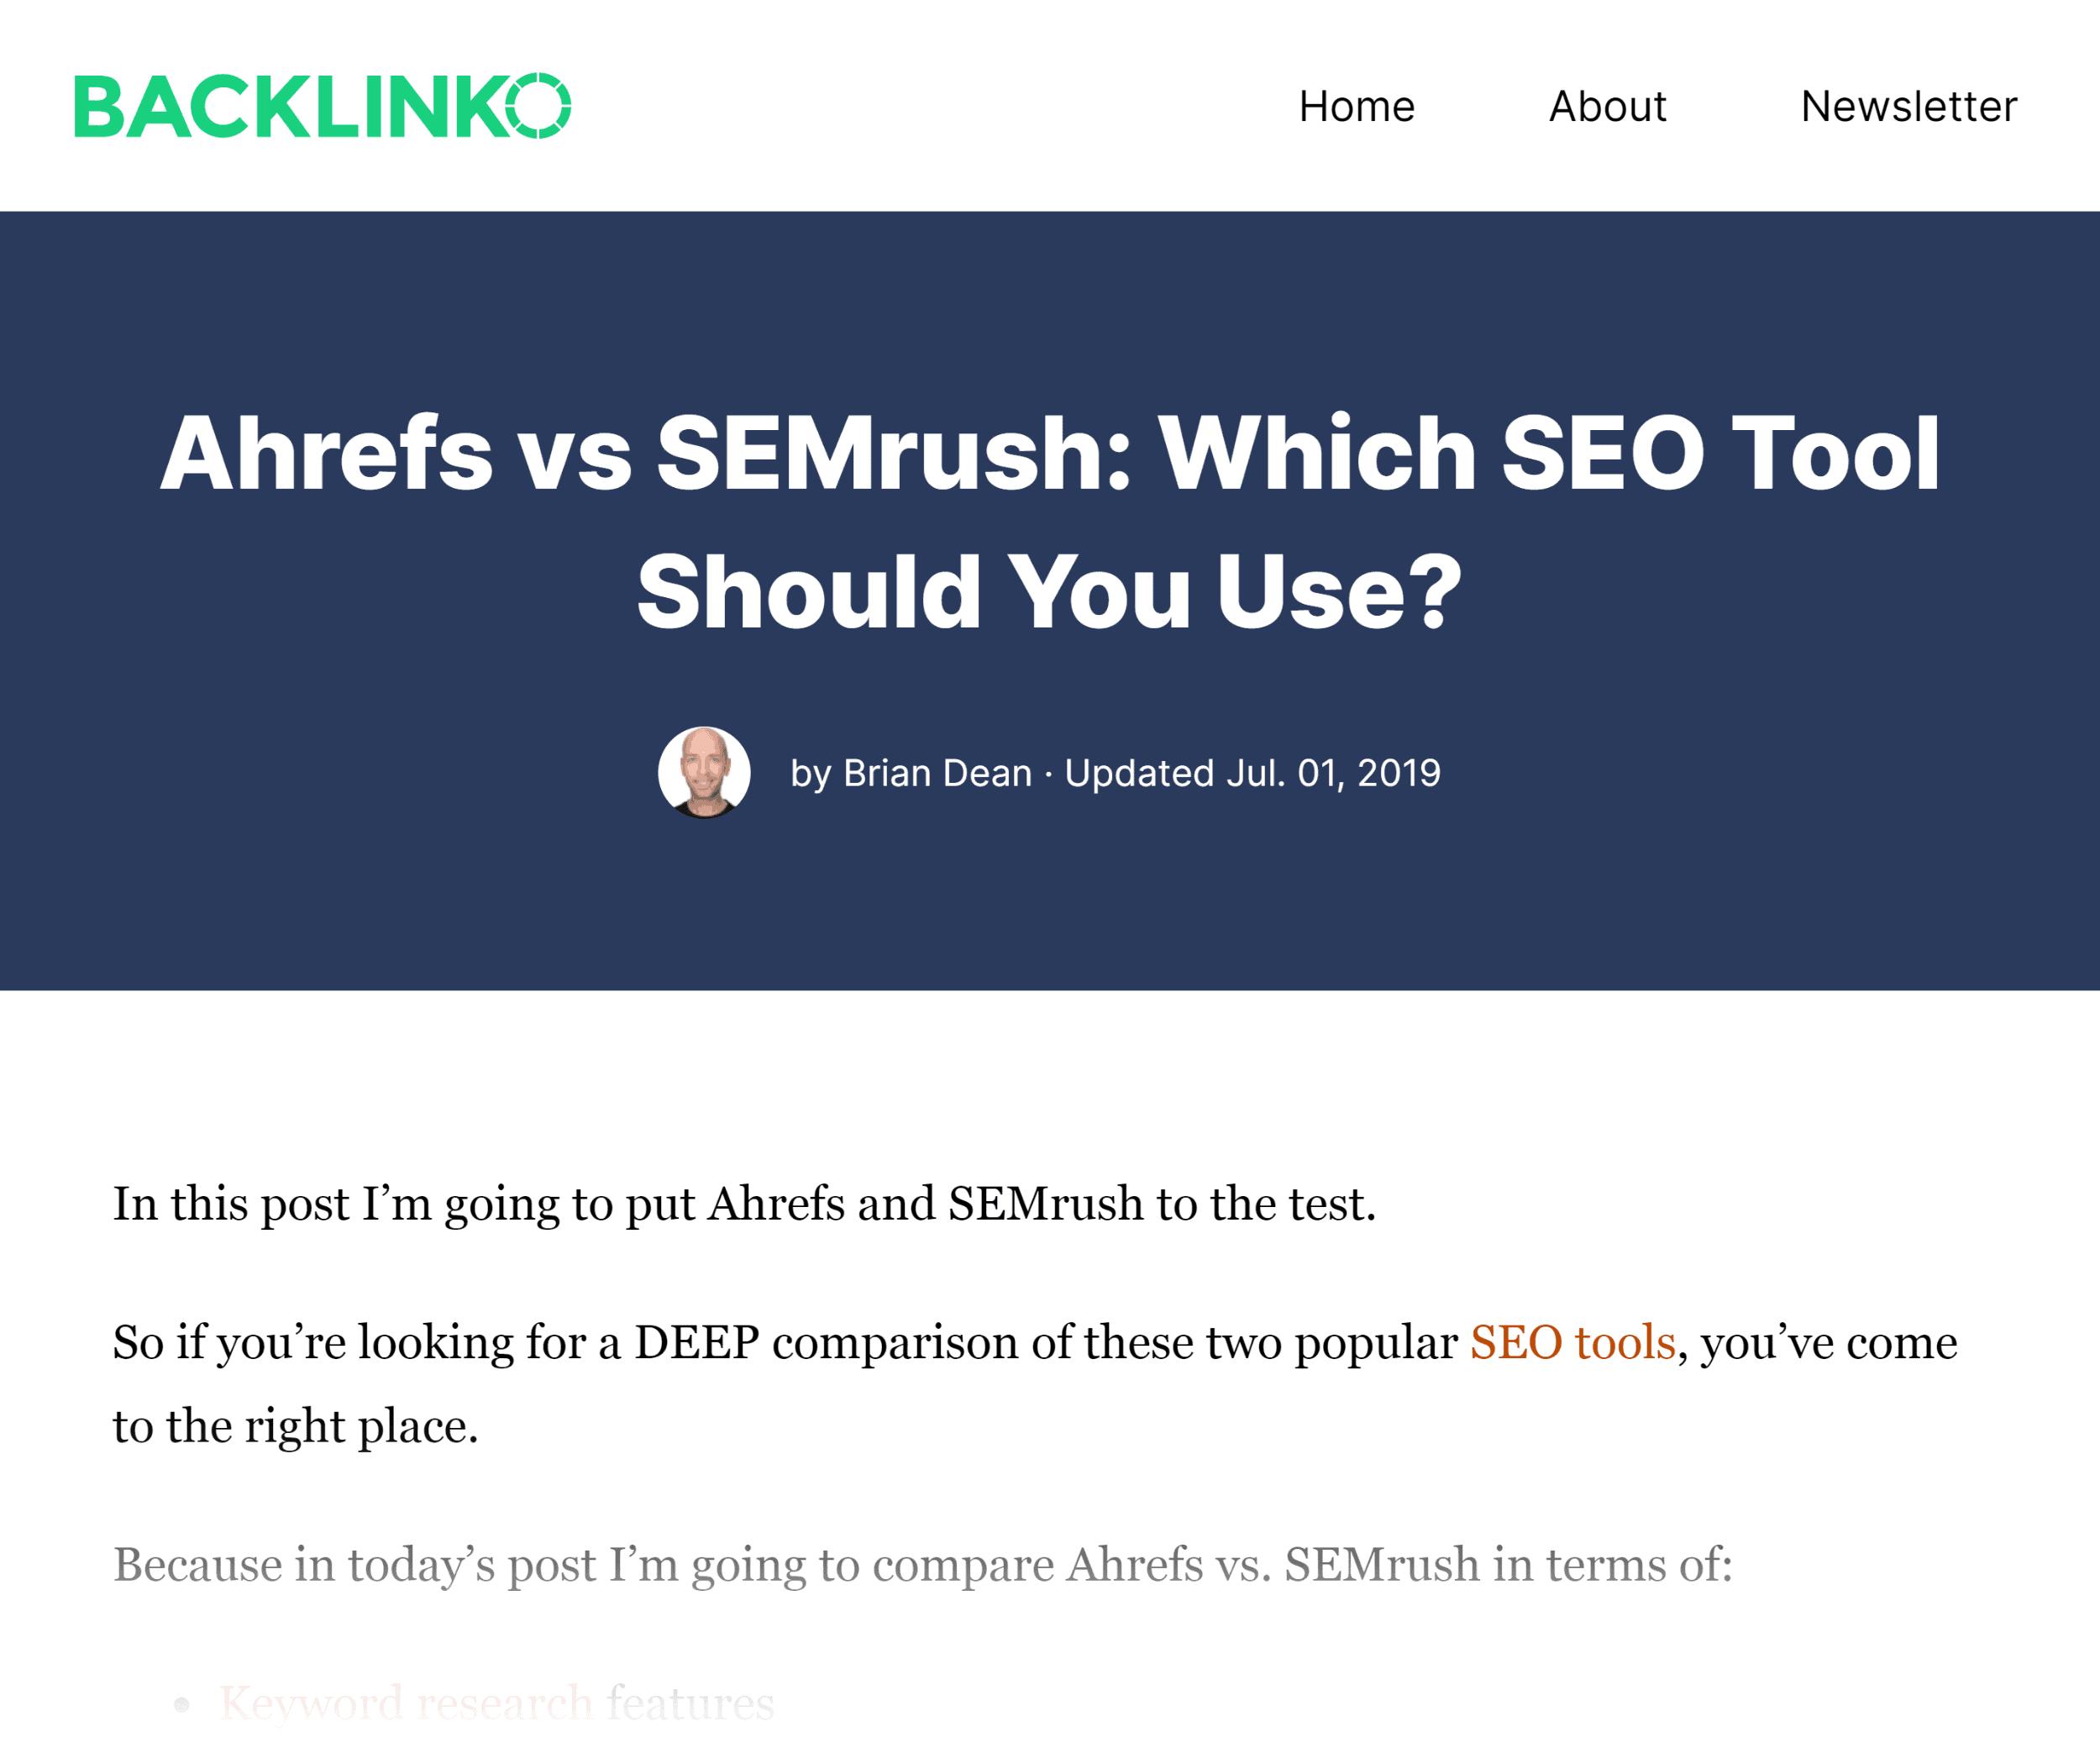 Backlinko – Ahrefs vs. SEMrush post